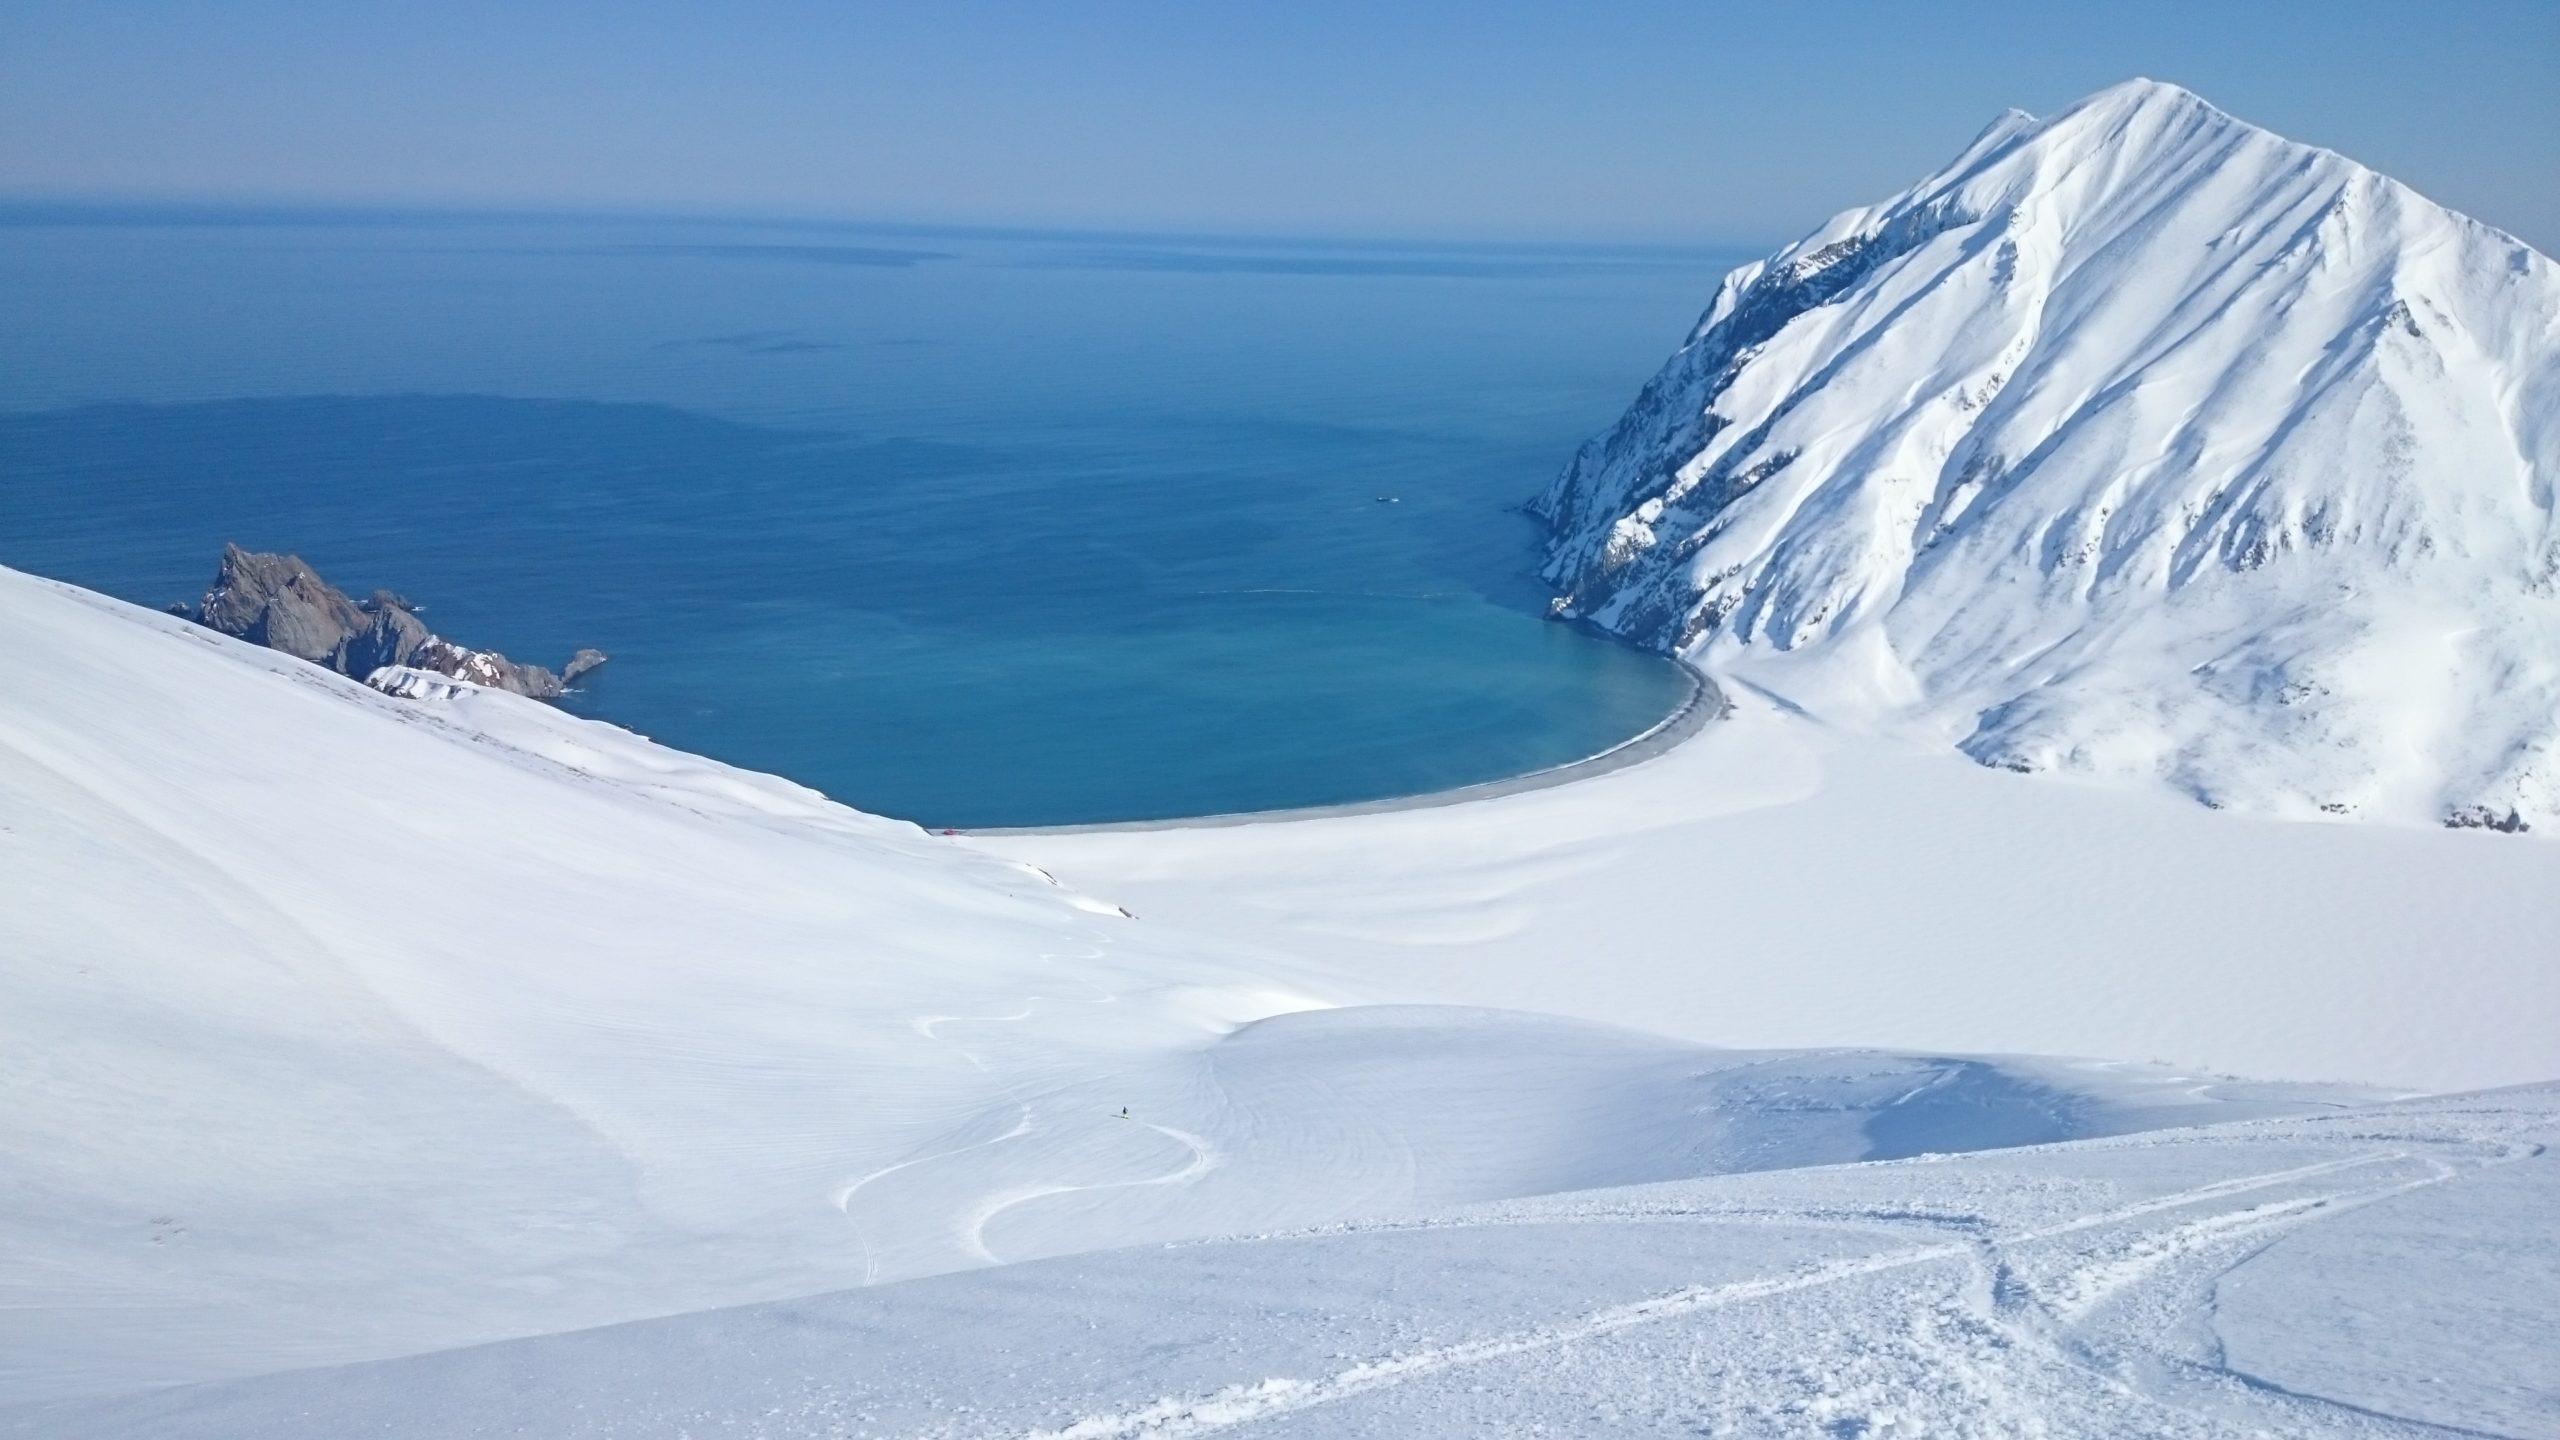 La-Datcha-Kamchatka-Heliski-Russia-3-1-scaled